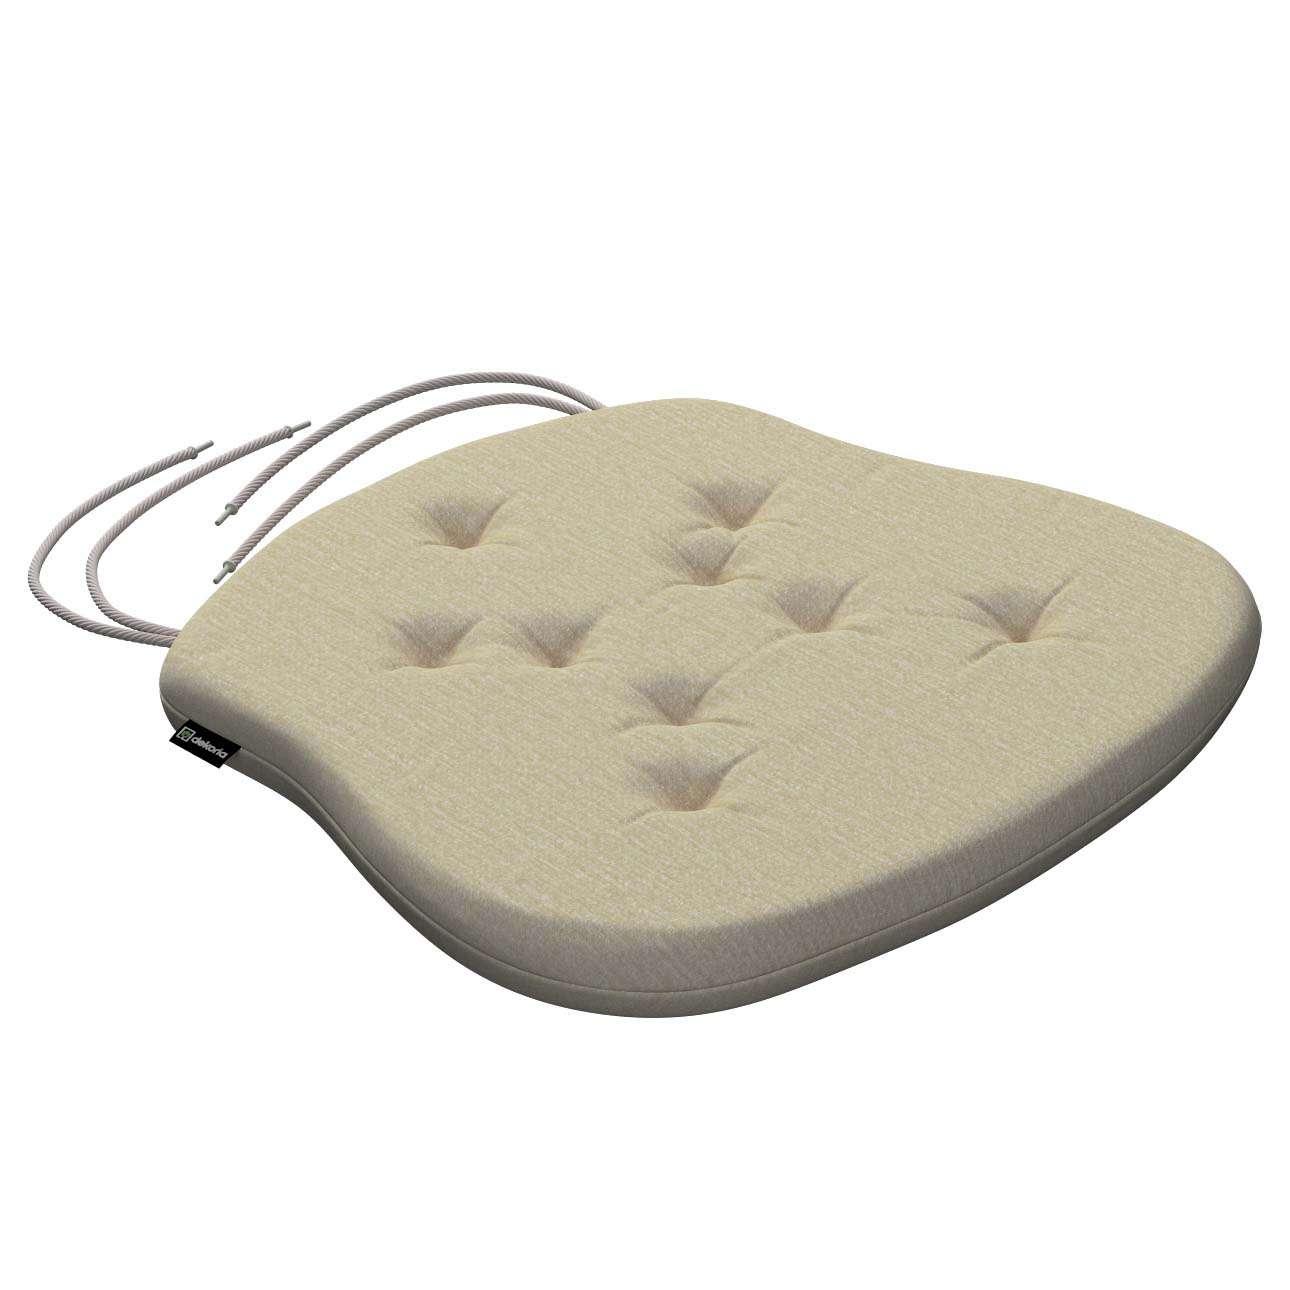 Siedzisko Filip na krzesło 41x38x3,5 cm w kolekcji Chenille, tkanina: 702-22